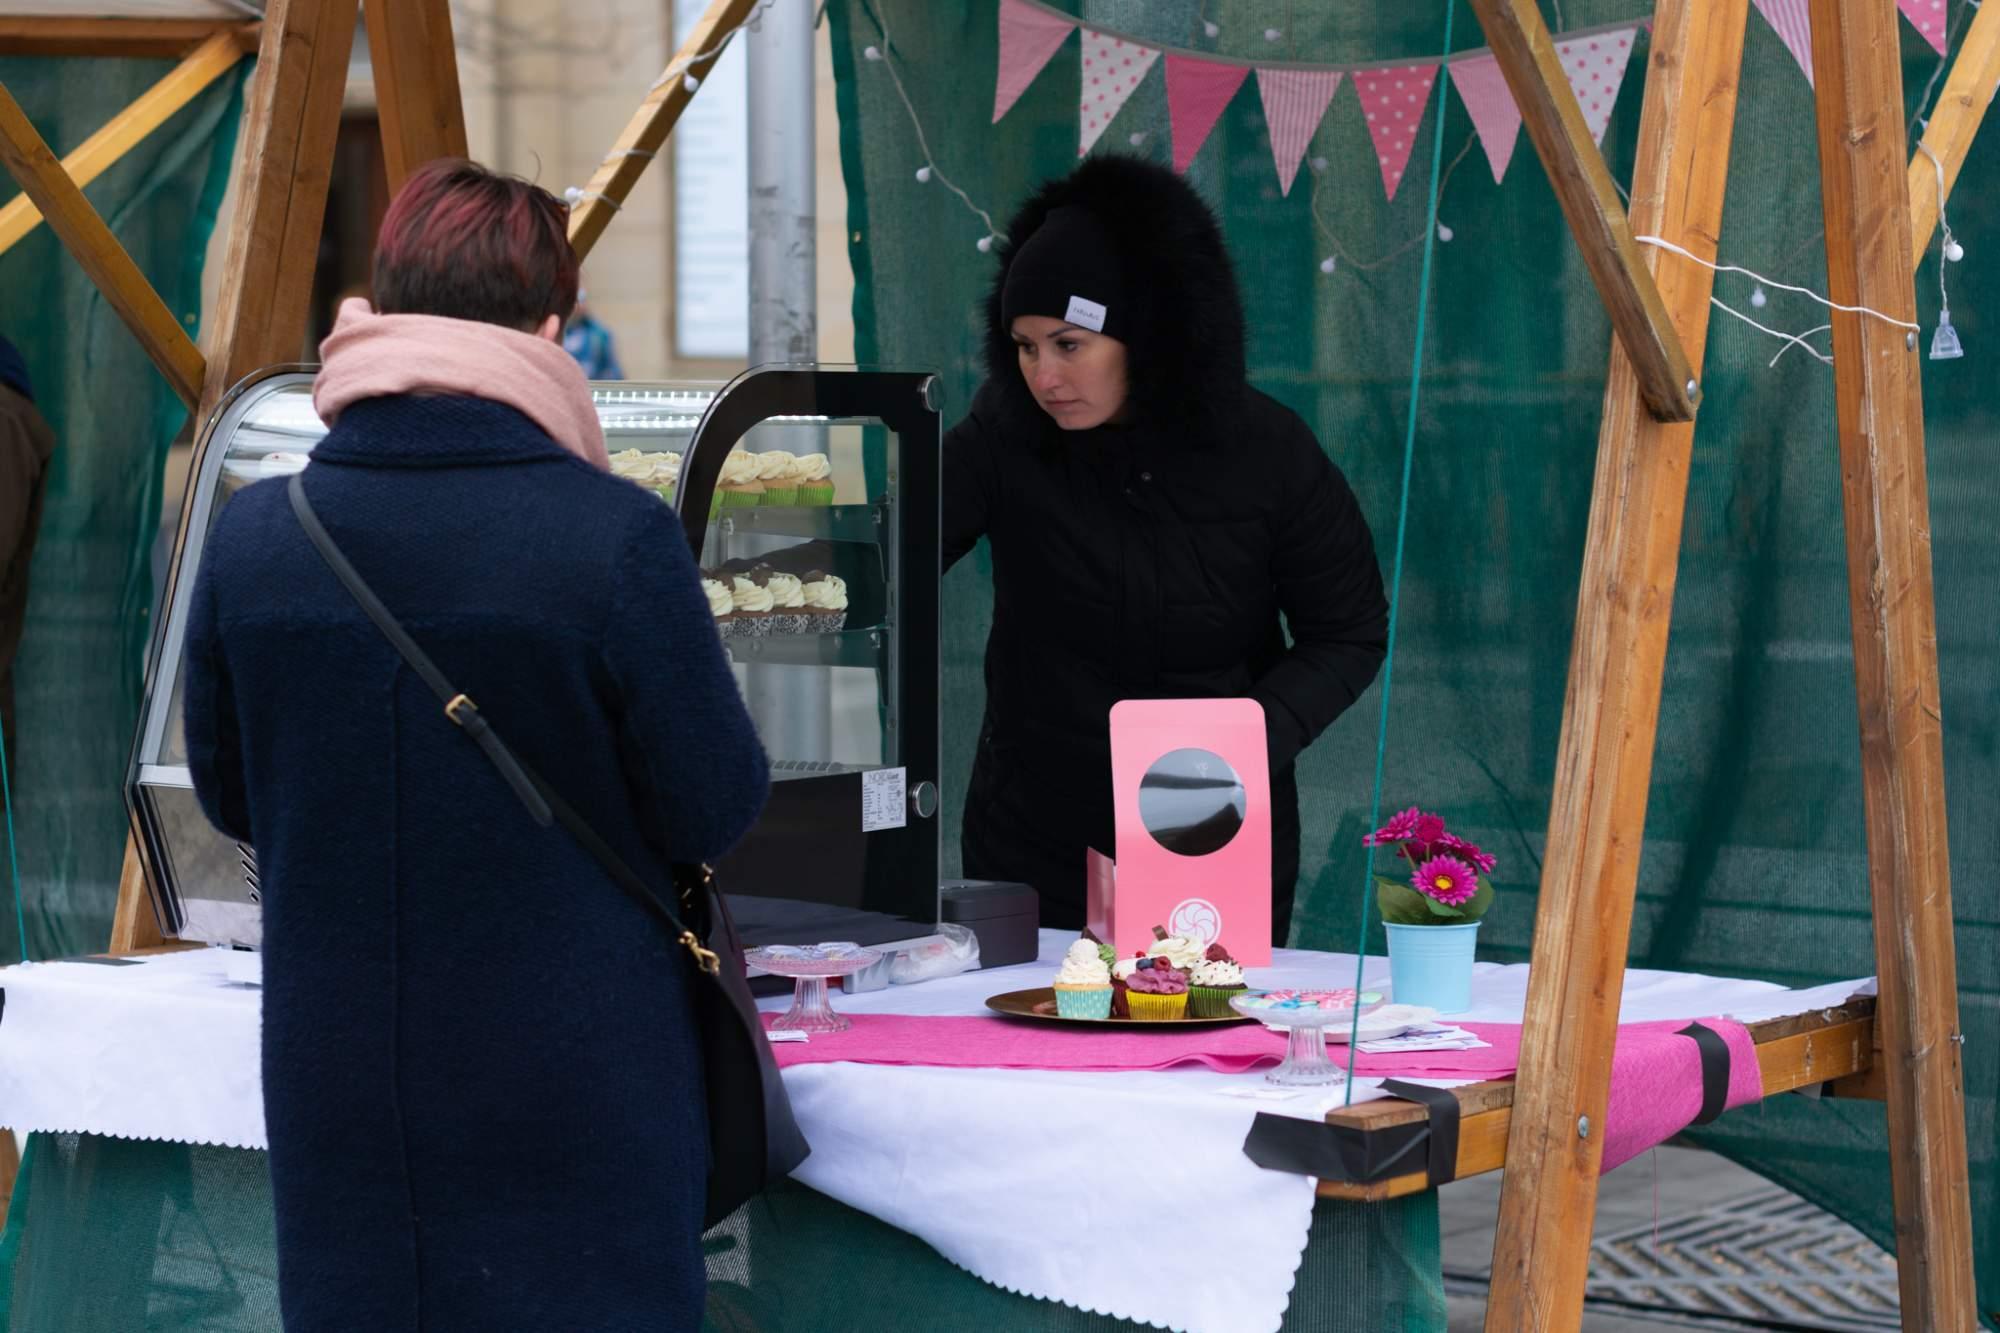 Jedním z prodávajících byla také Cupcakekárna. Foto: Anna Viktorinová